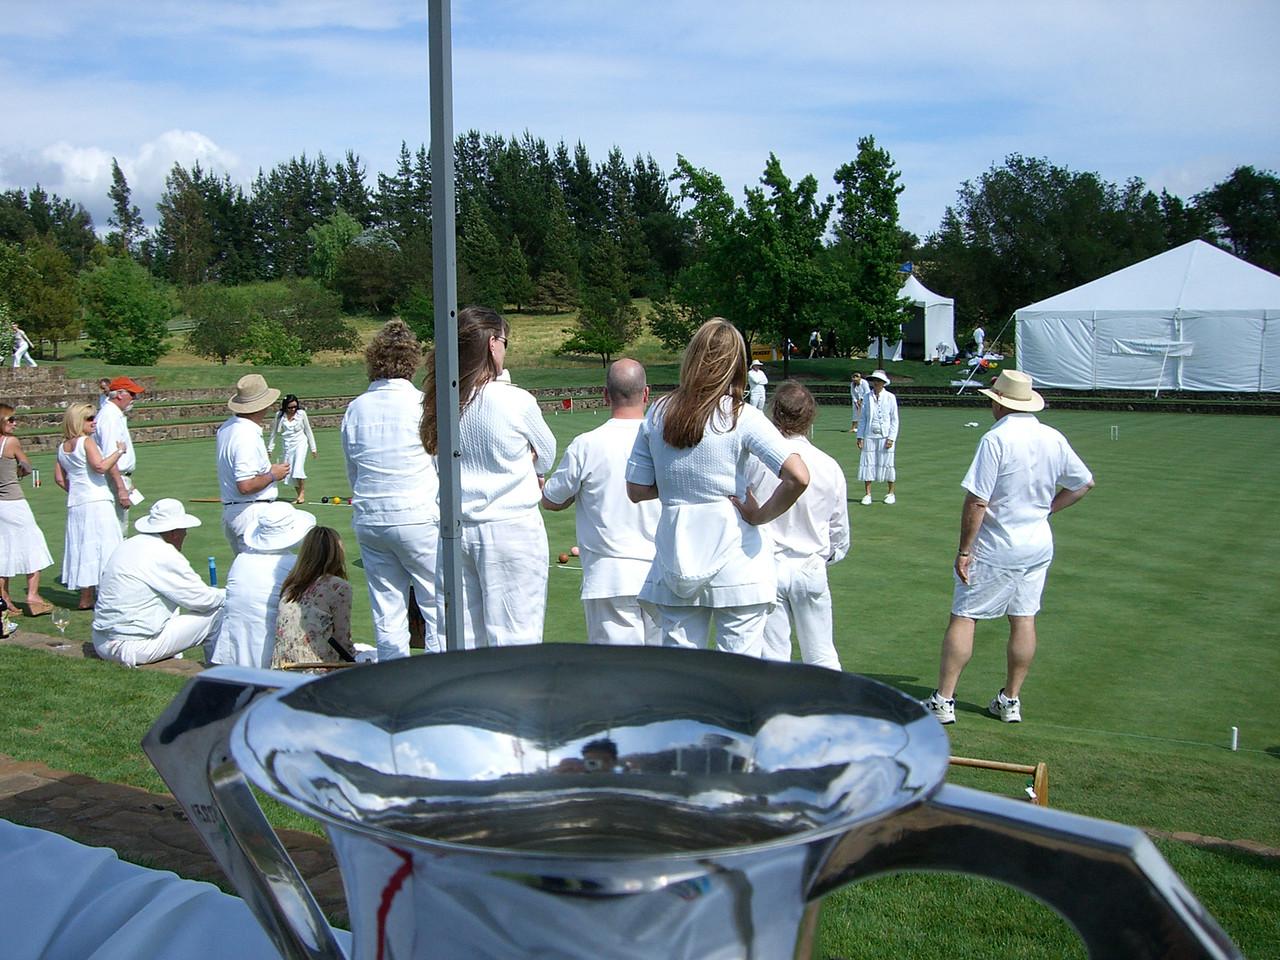 2006 05 20 Sat - Croquet players & trophy 1